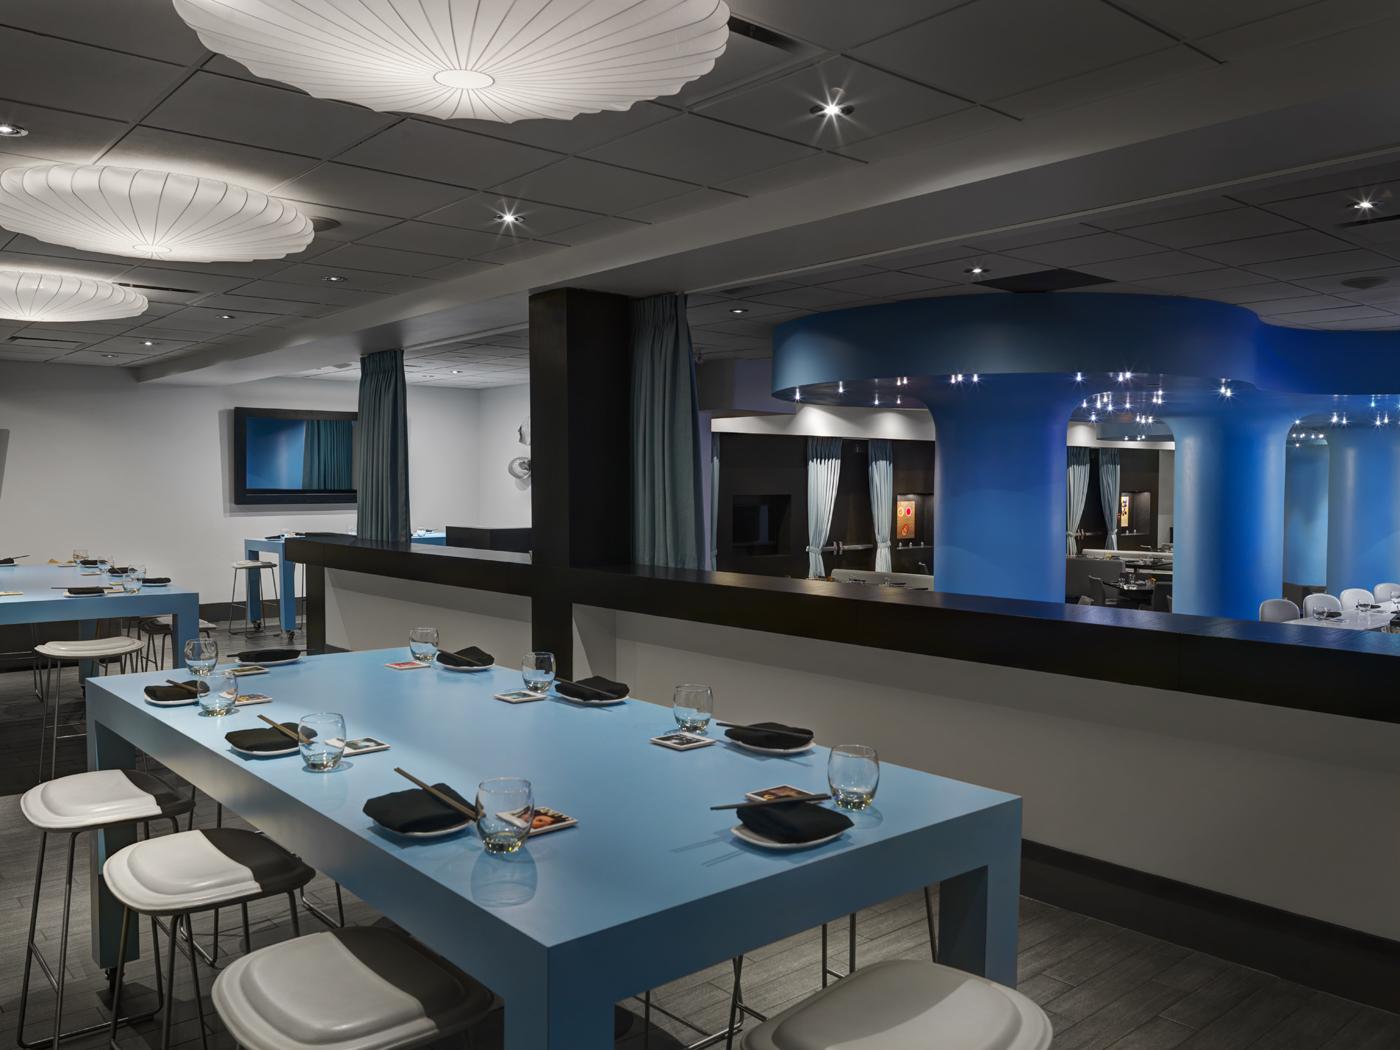 Design Hotel Il Berg Luxury Hotel Di Roma : Hotel d arte di lusso da conoscere